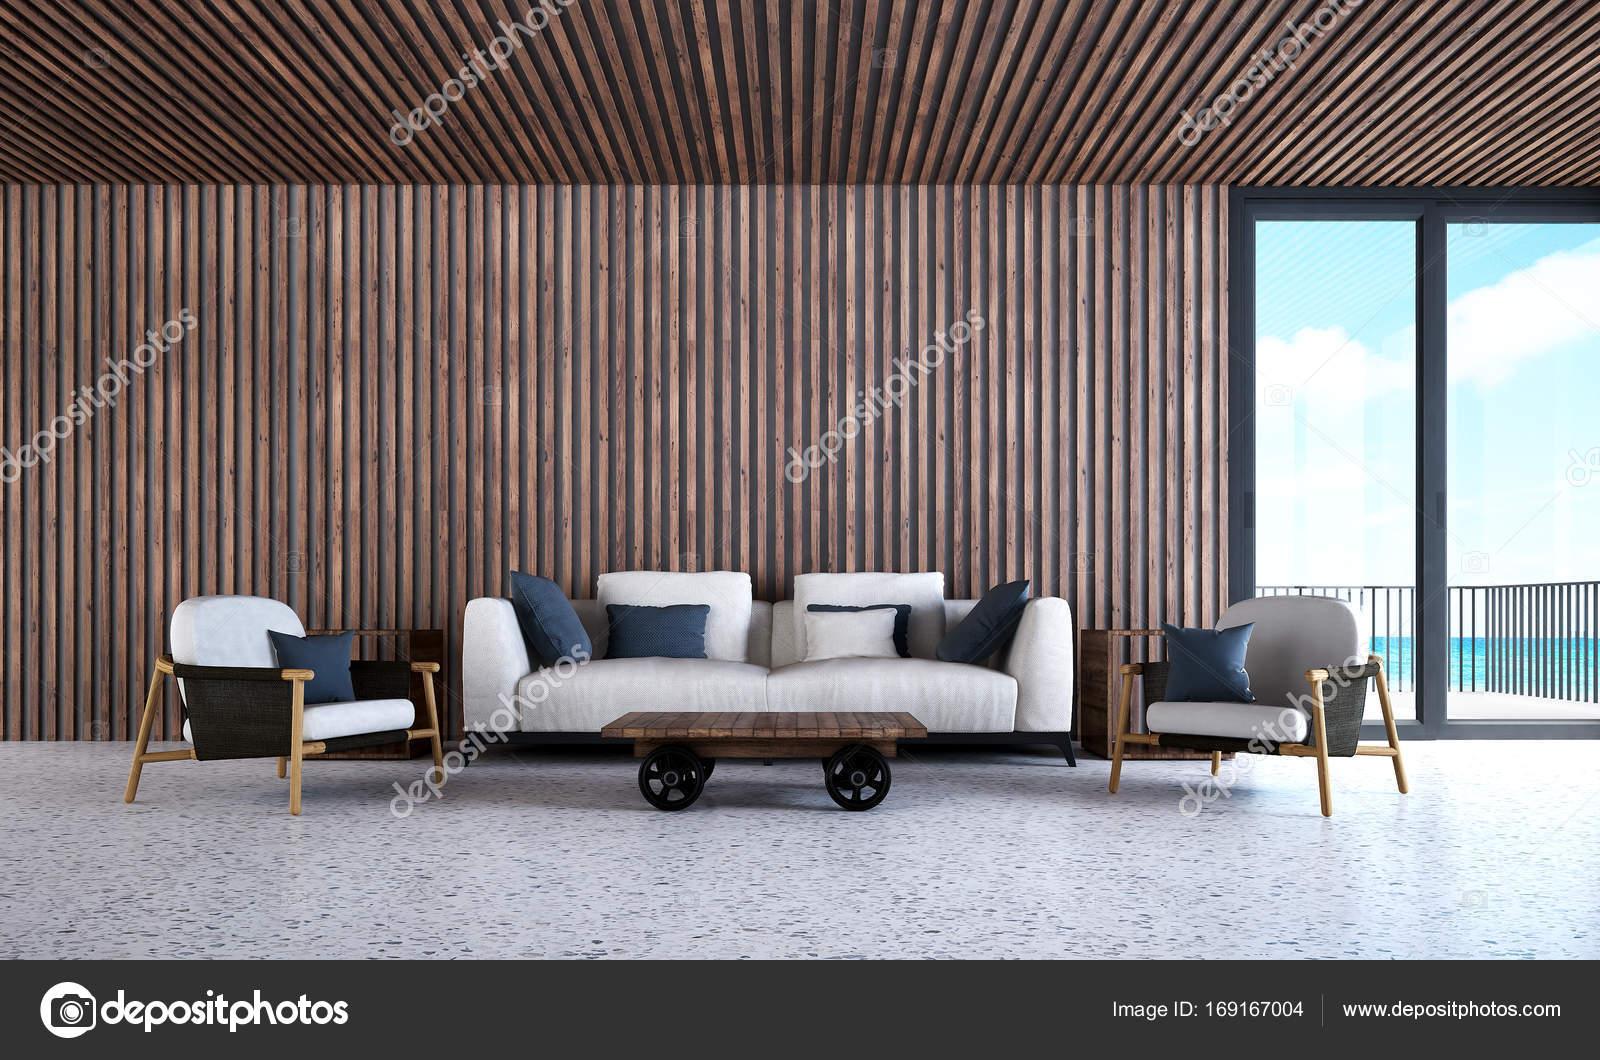 Industriele Woonkamer Interieur : Het industriële design interieur van woonkamer lounge stoelen en